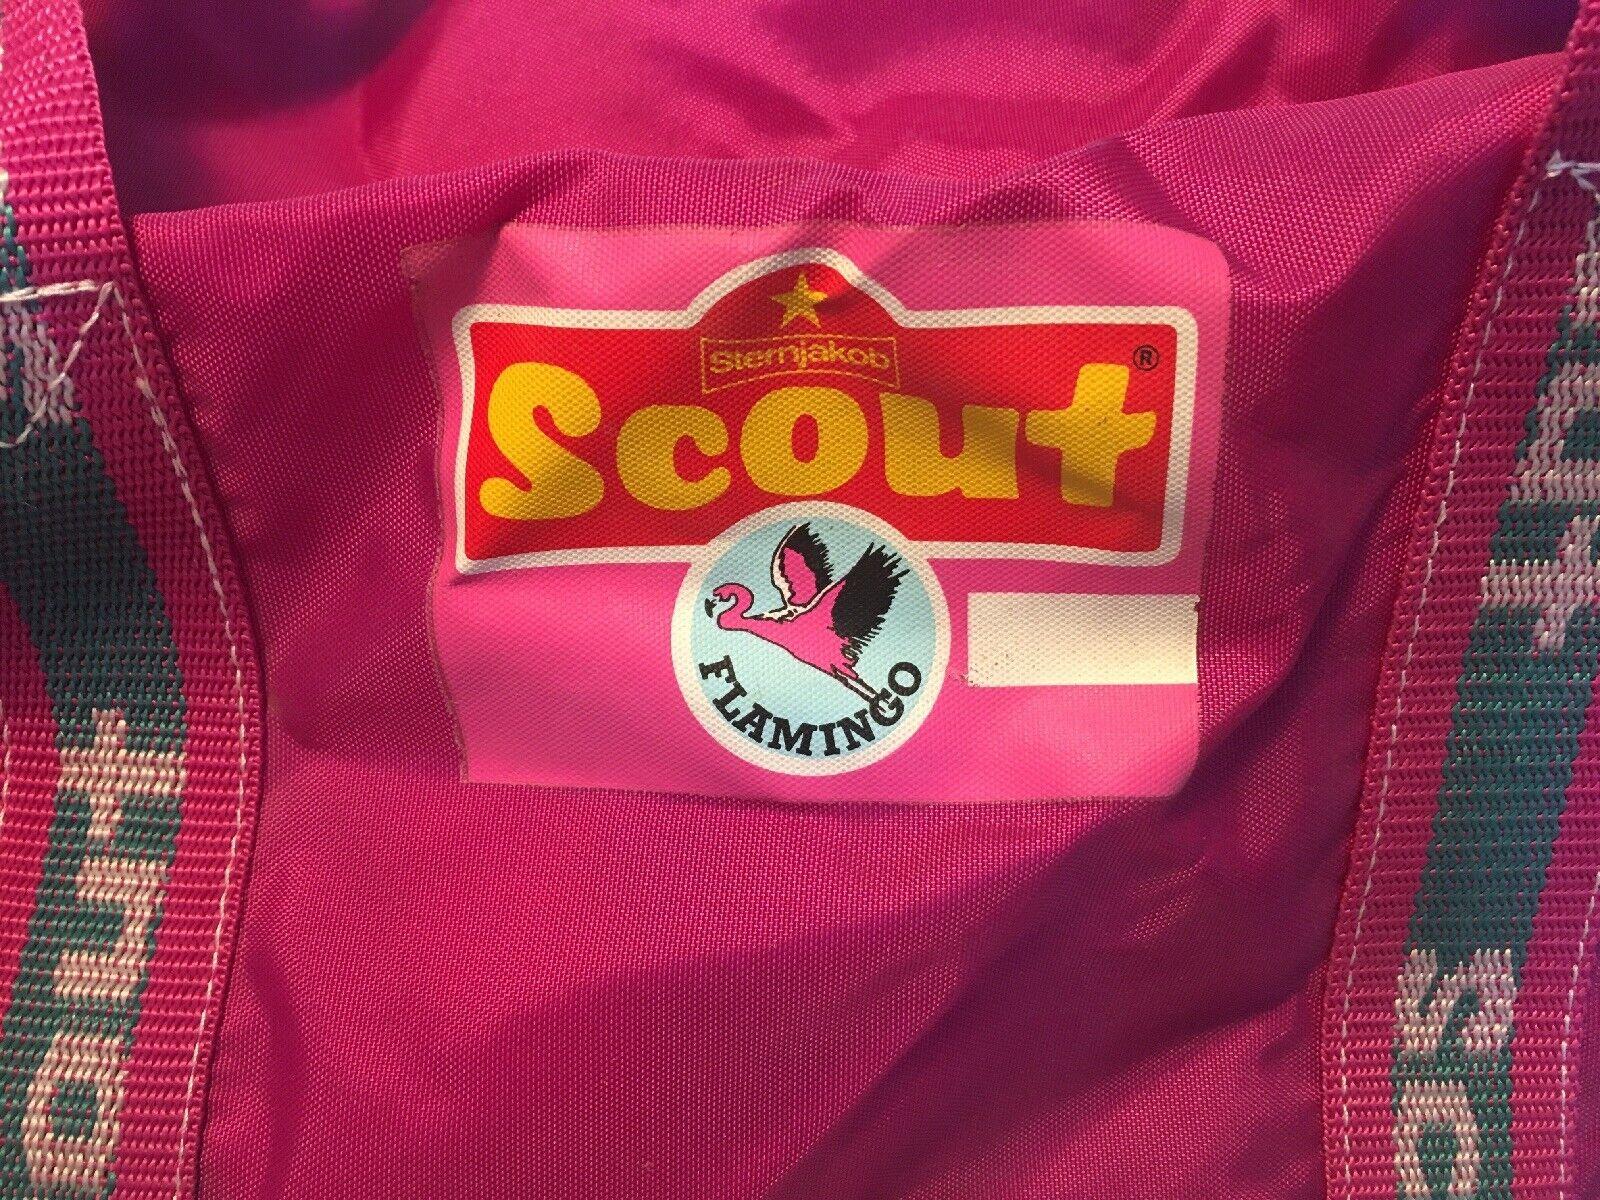 ♥︎ Scout Retro vintage 80er Flamingo Tasche NEU ♥︎ | Modern Und Elegant  | Zu einem erschwinglichen Preis  | Outlet Store Online